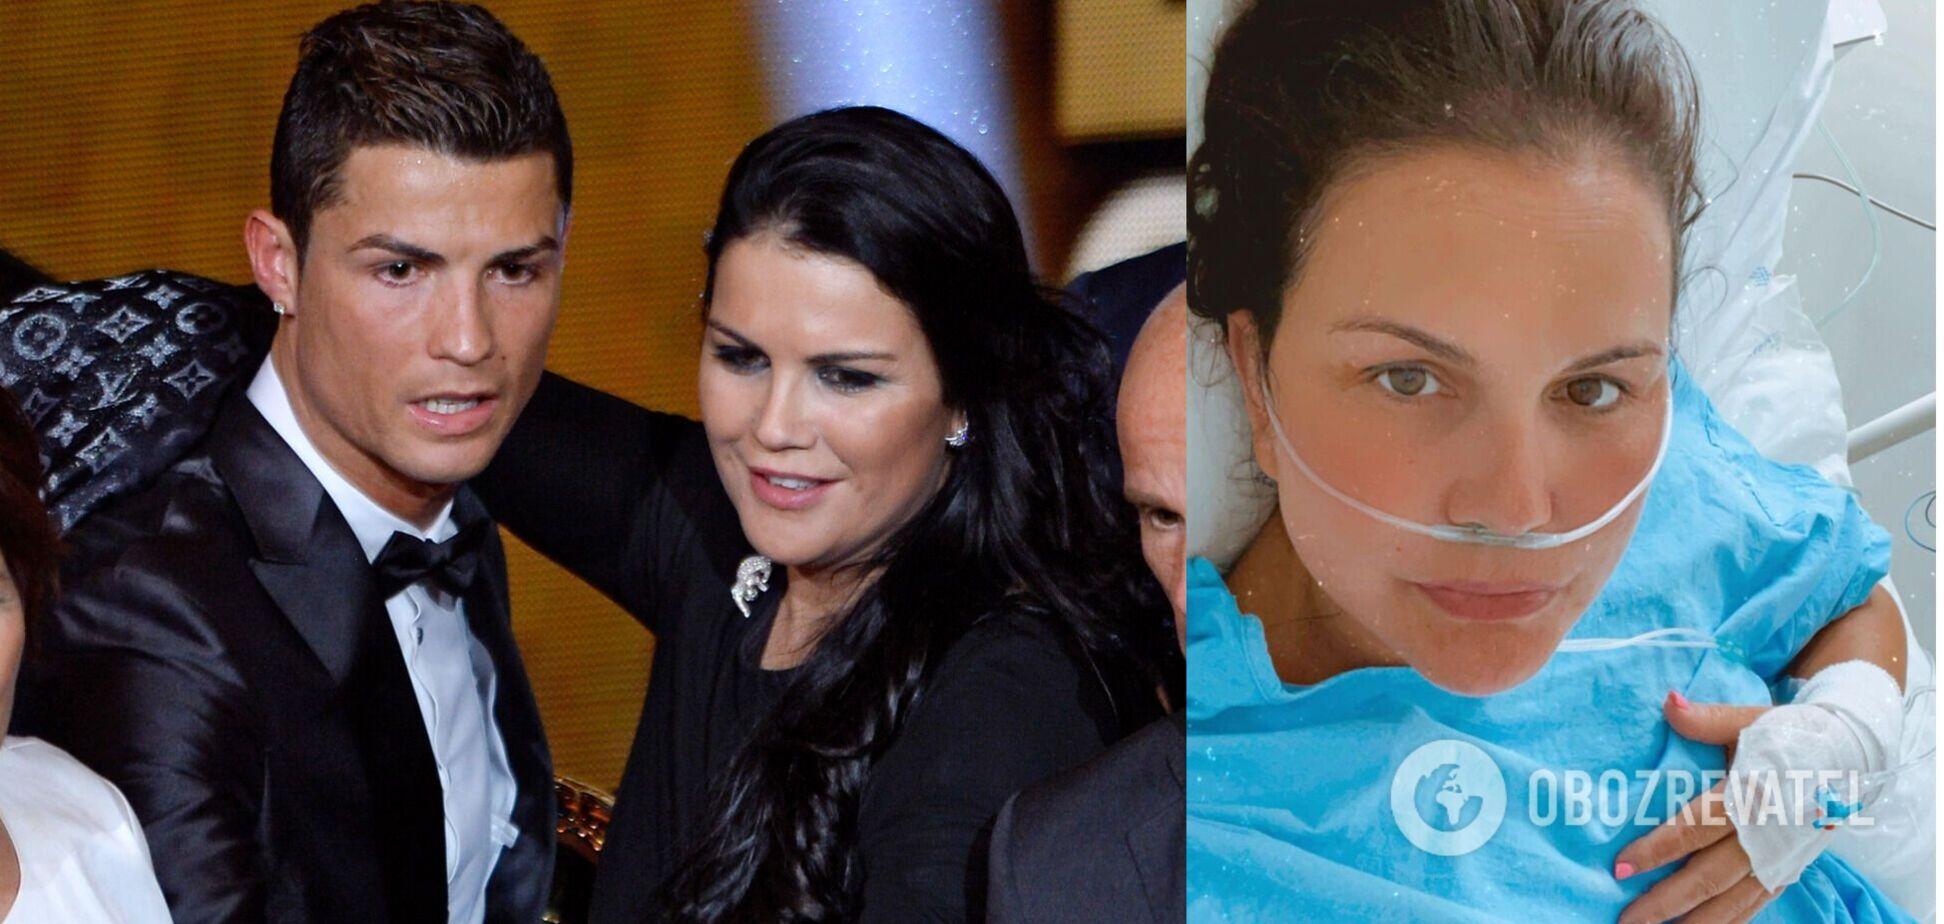 Ronaldonun bacısı da inanmırdı, indi xəstəxanadan yazır - FOTO